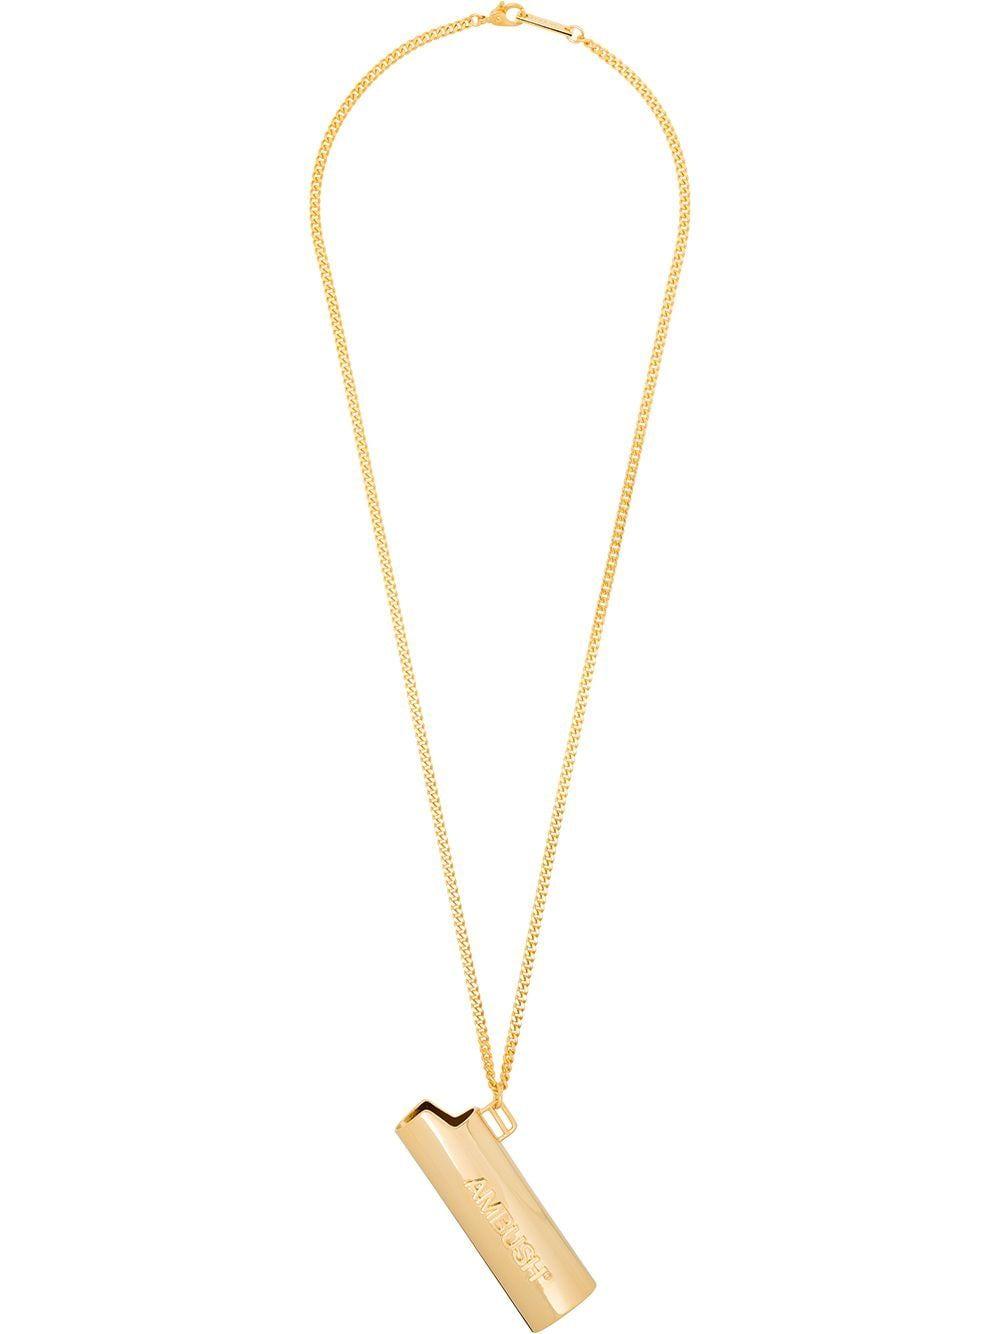 Logo lighter case necklace